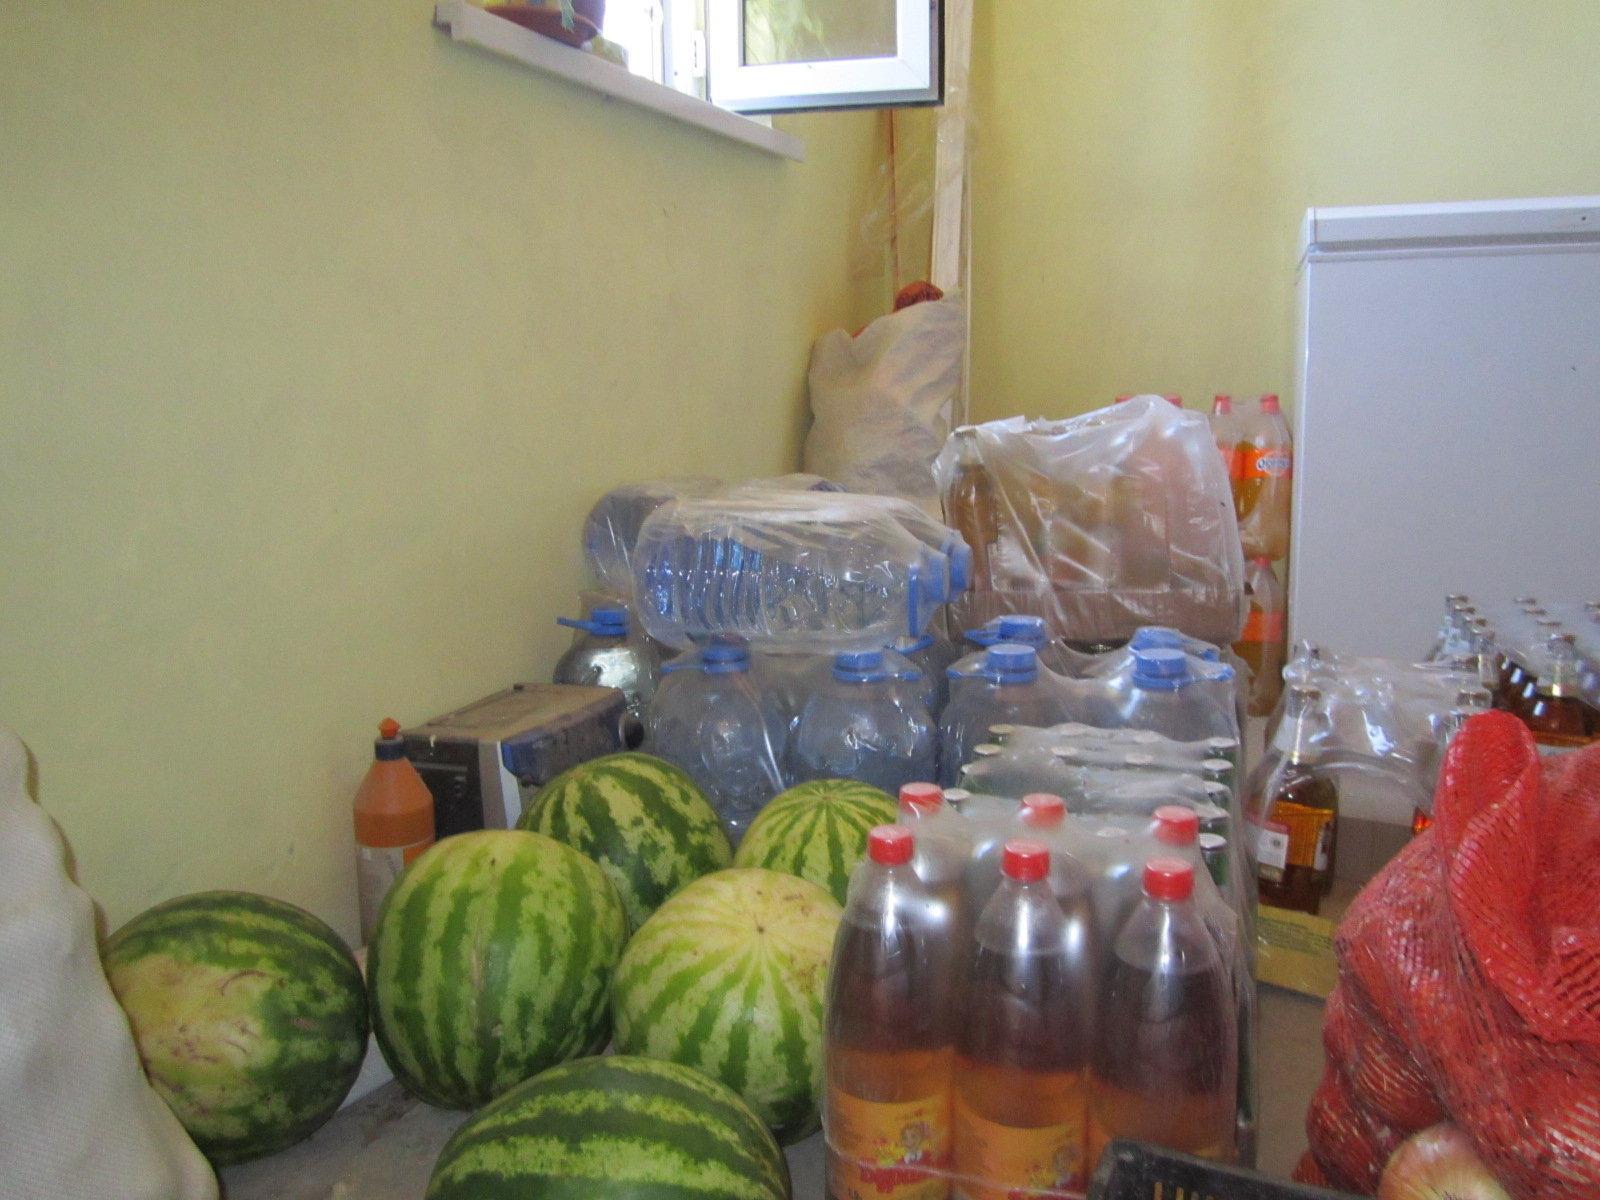 Питьевая вода в местном магазине стоит 220 тенге за один бутыль